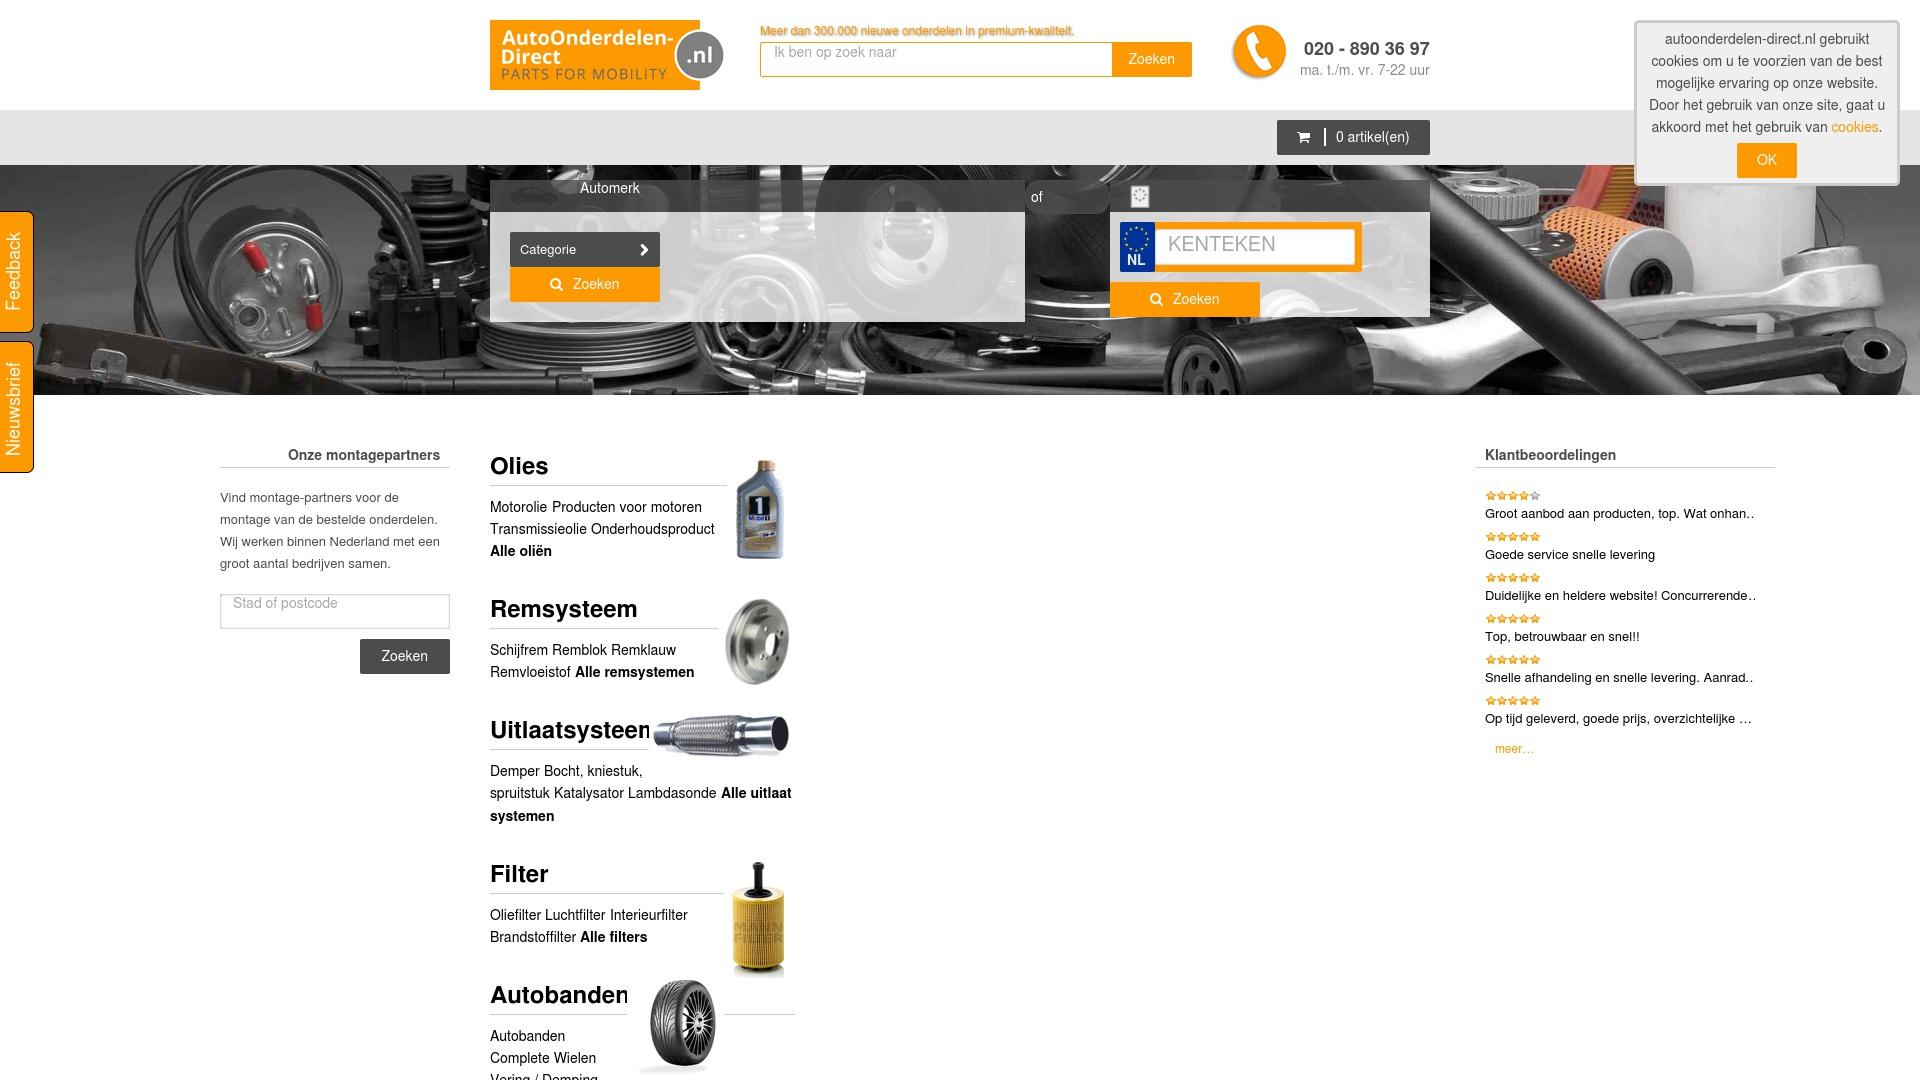 Gutschein für Automaterialenspecialisten: Rabatte für  Automaterialenspecialisten sichern